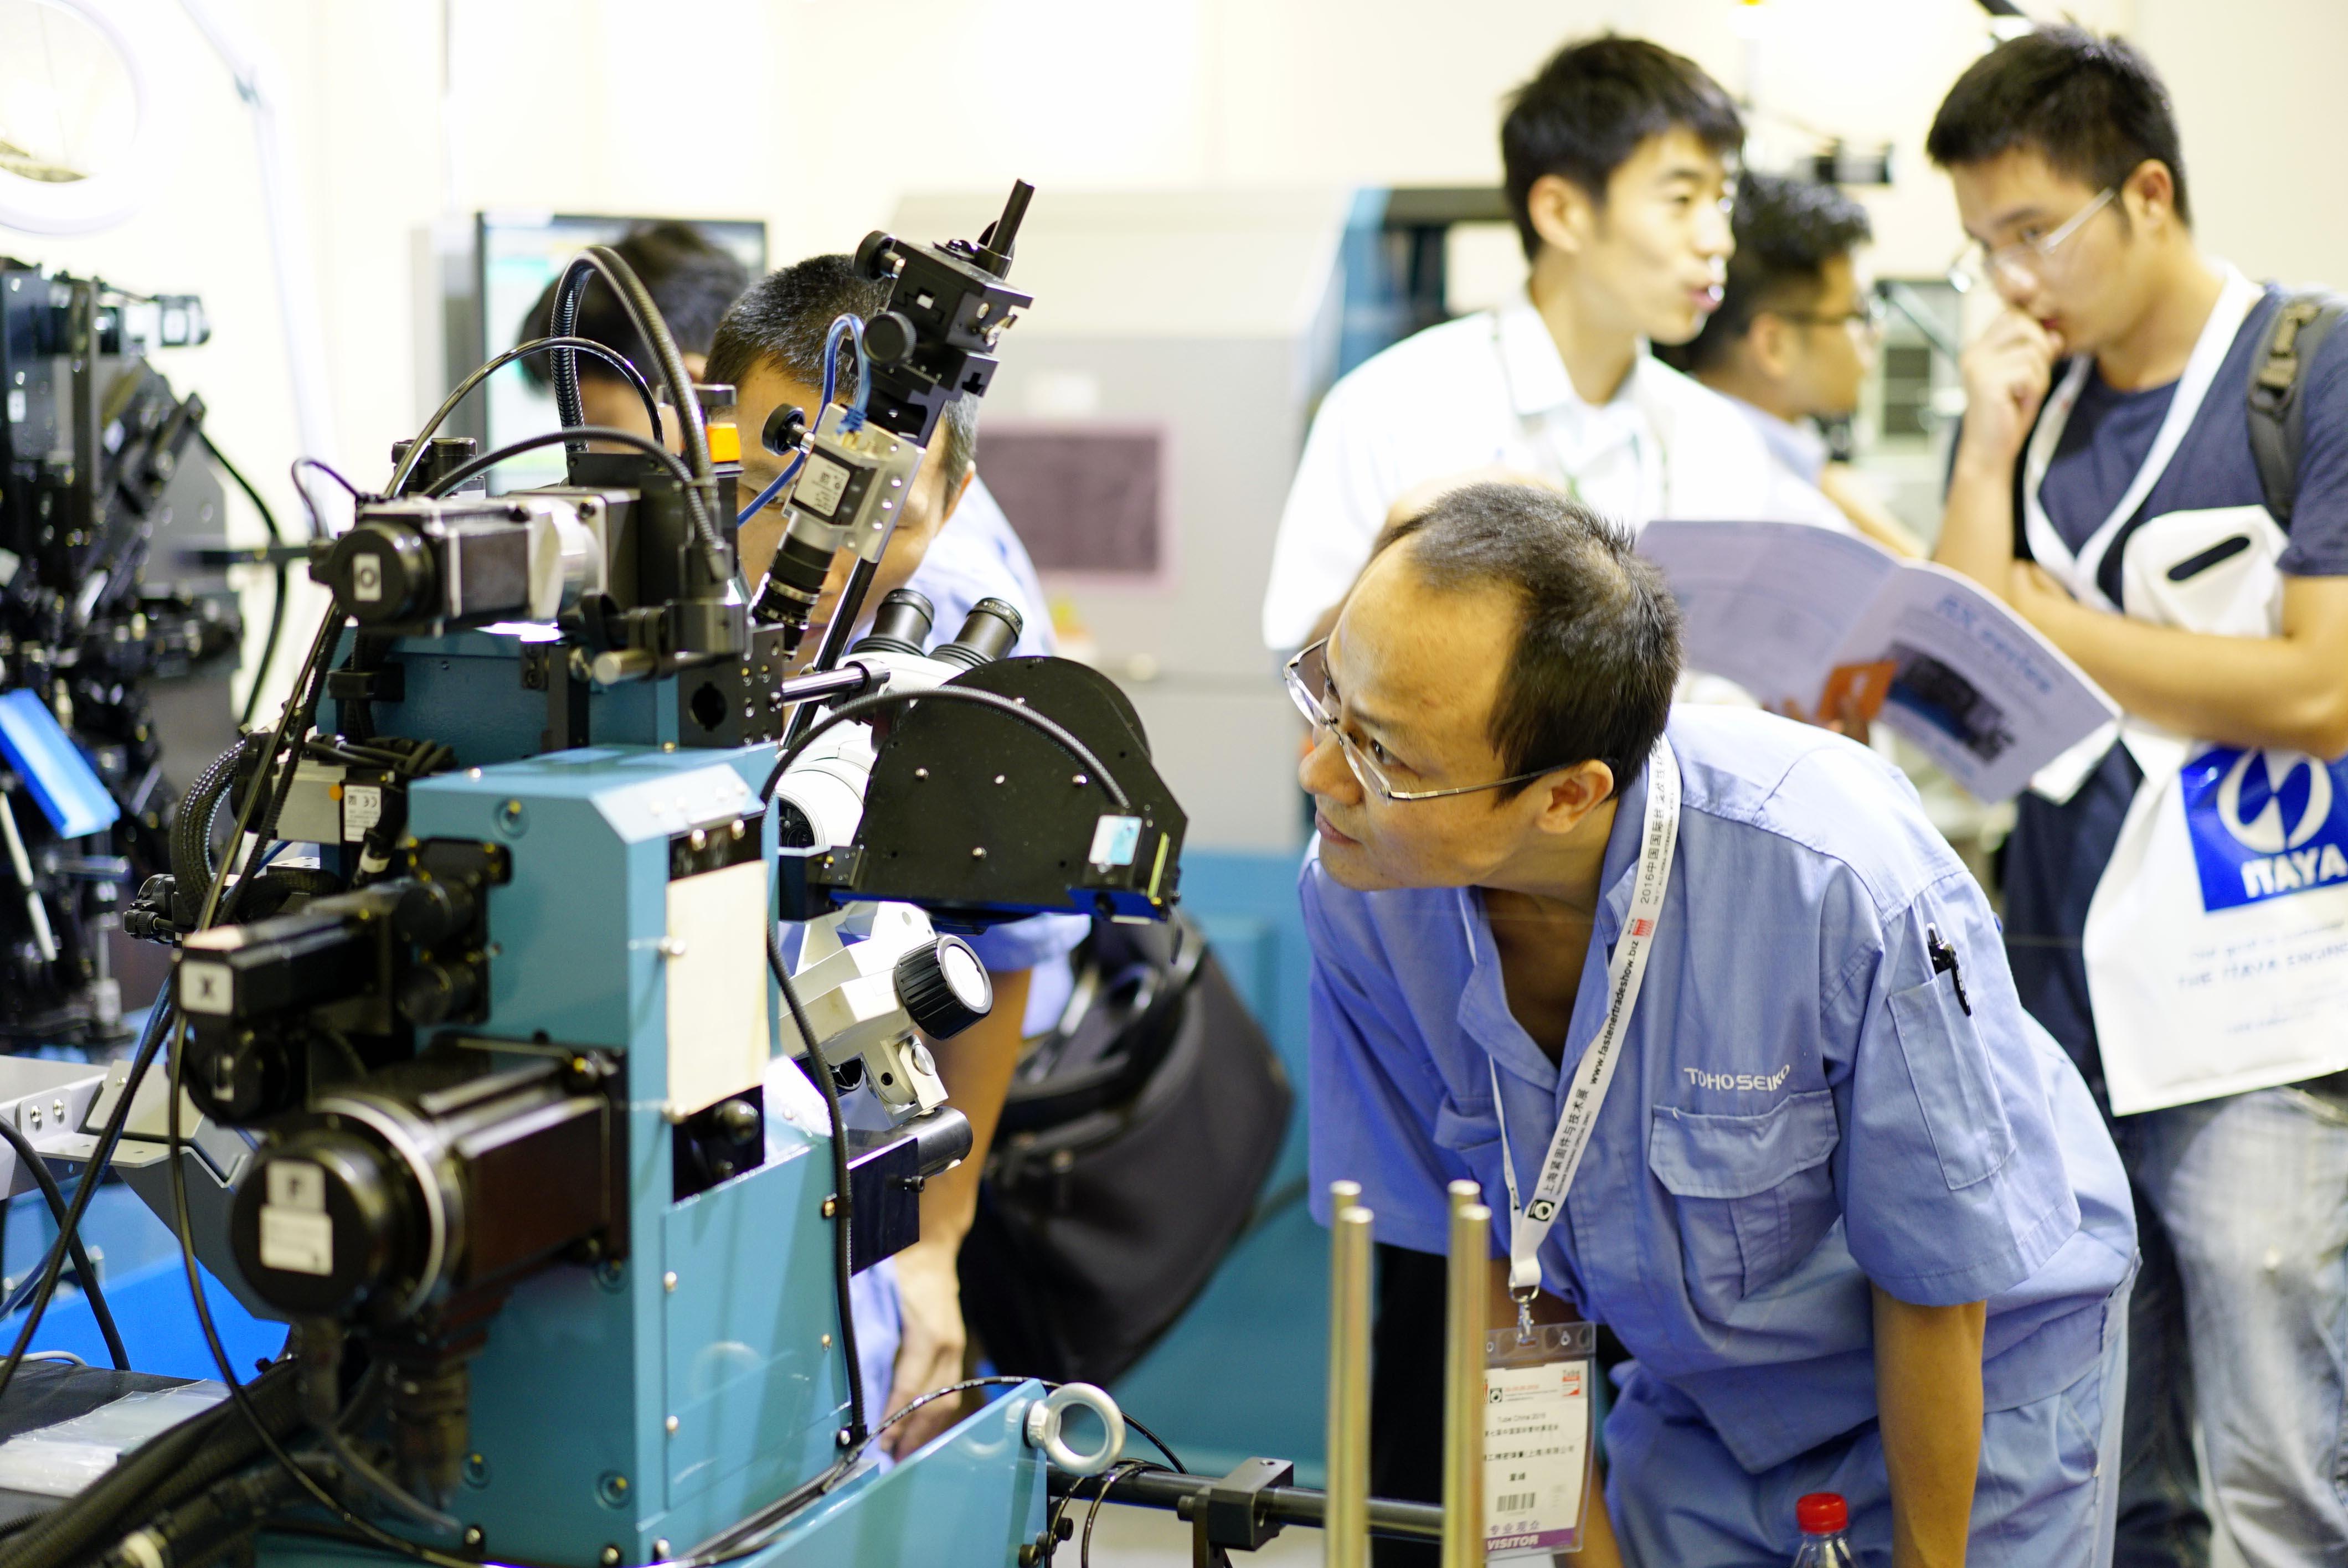 wire & Tube China 2018 - 중국 와이어 & 튜브 시장 공략 위한 관문